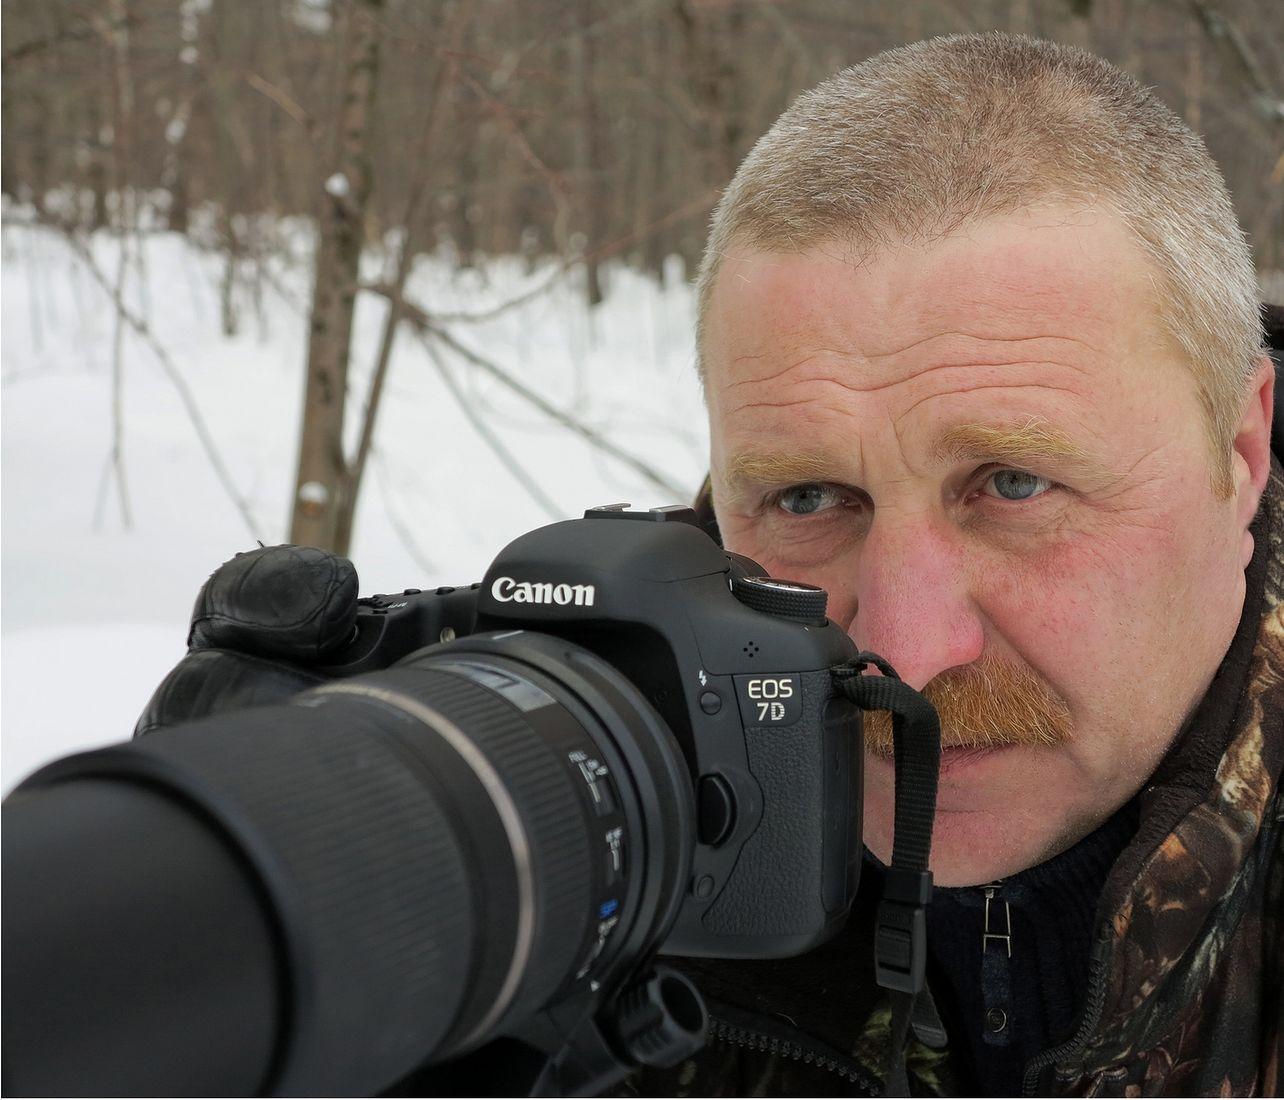 Андрей Кротов. Андрей Кротов. Без названия